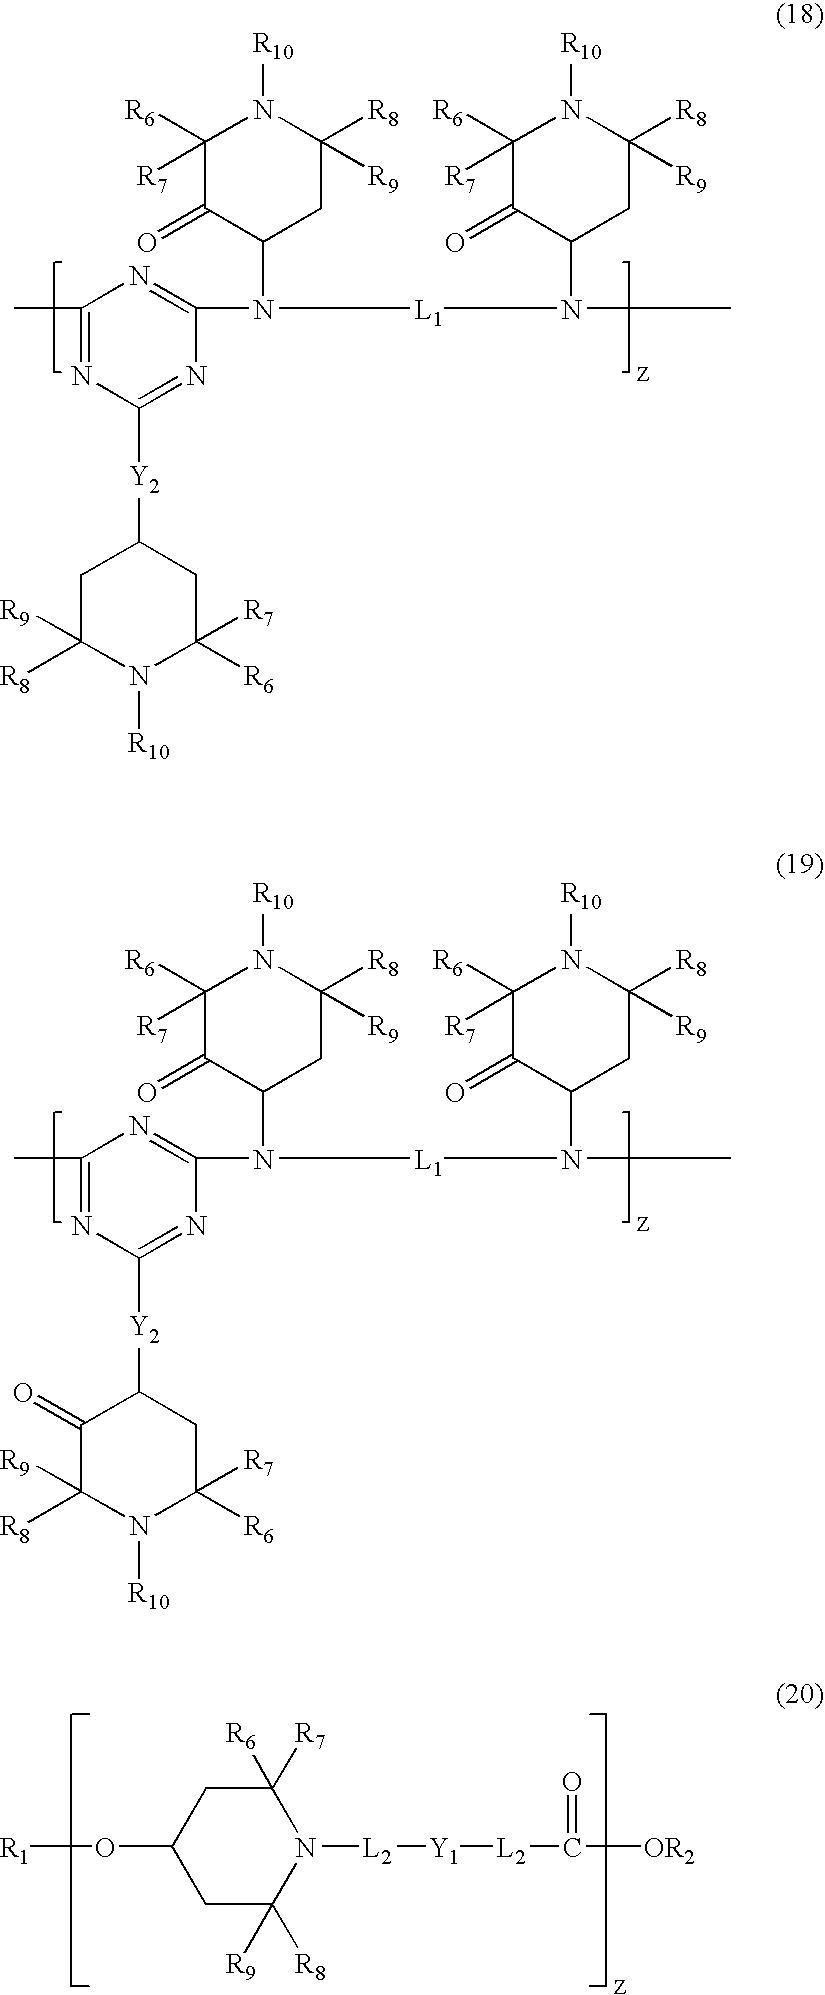 Figure US20040143041A1-20040722-C00034